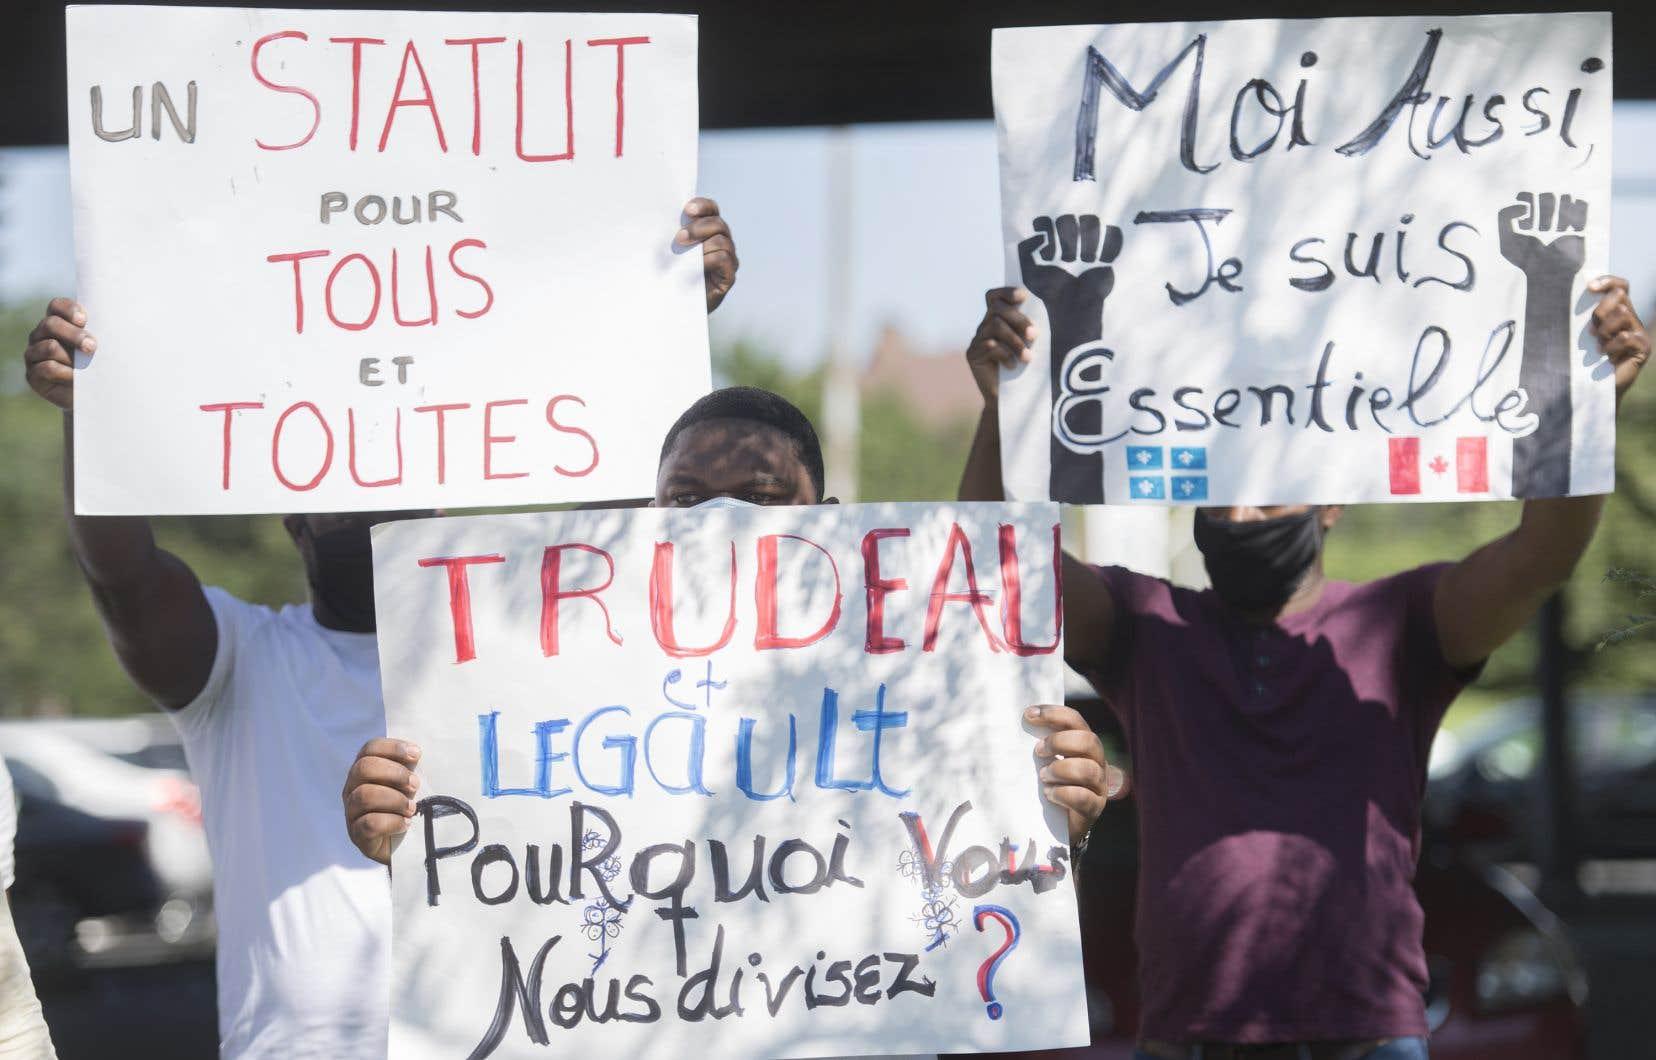 Le mouvement pour demander la régularisation des demandeurs d'asile travailleurs essentiels est parti du Québec. Sur notre photo, des manifestants se sont rassemblés pour défendre cette cause à Montréal en août dernier.